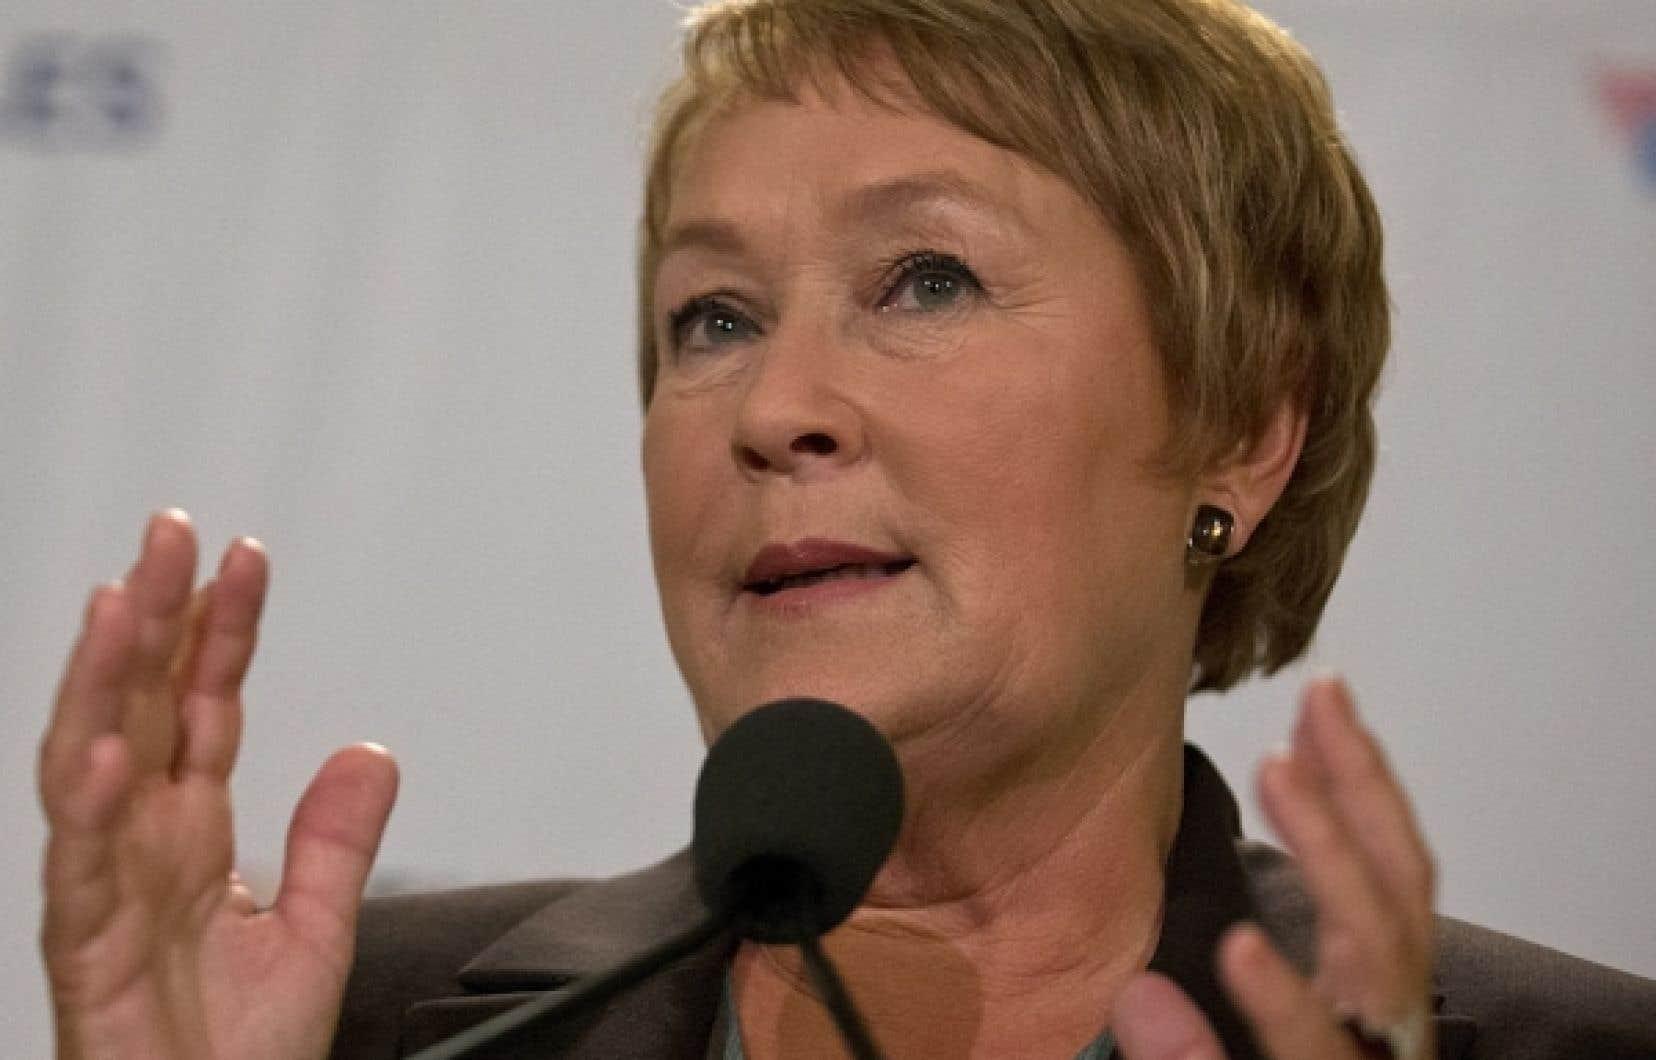 Le dernier sondage de Léger Marketing, paru samedi dans les journaux de Quebecor, place le PQ à un cheveu d'une majorité. Les libéraux ne récoltent plus que 18 % des intentions de vote chez les francophones.